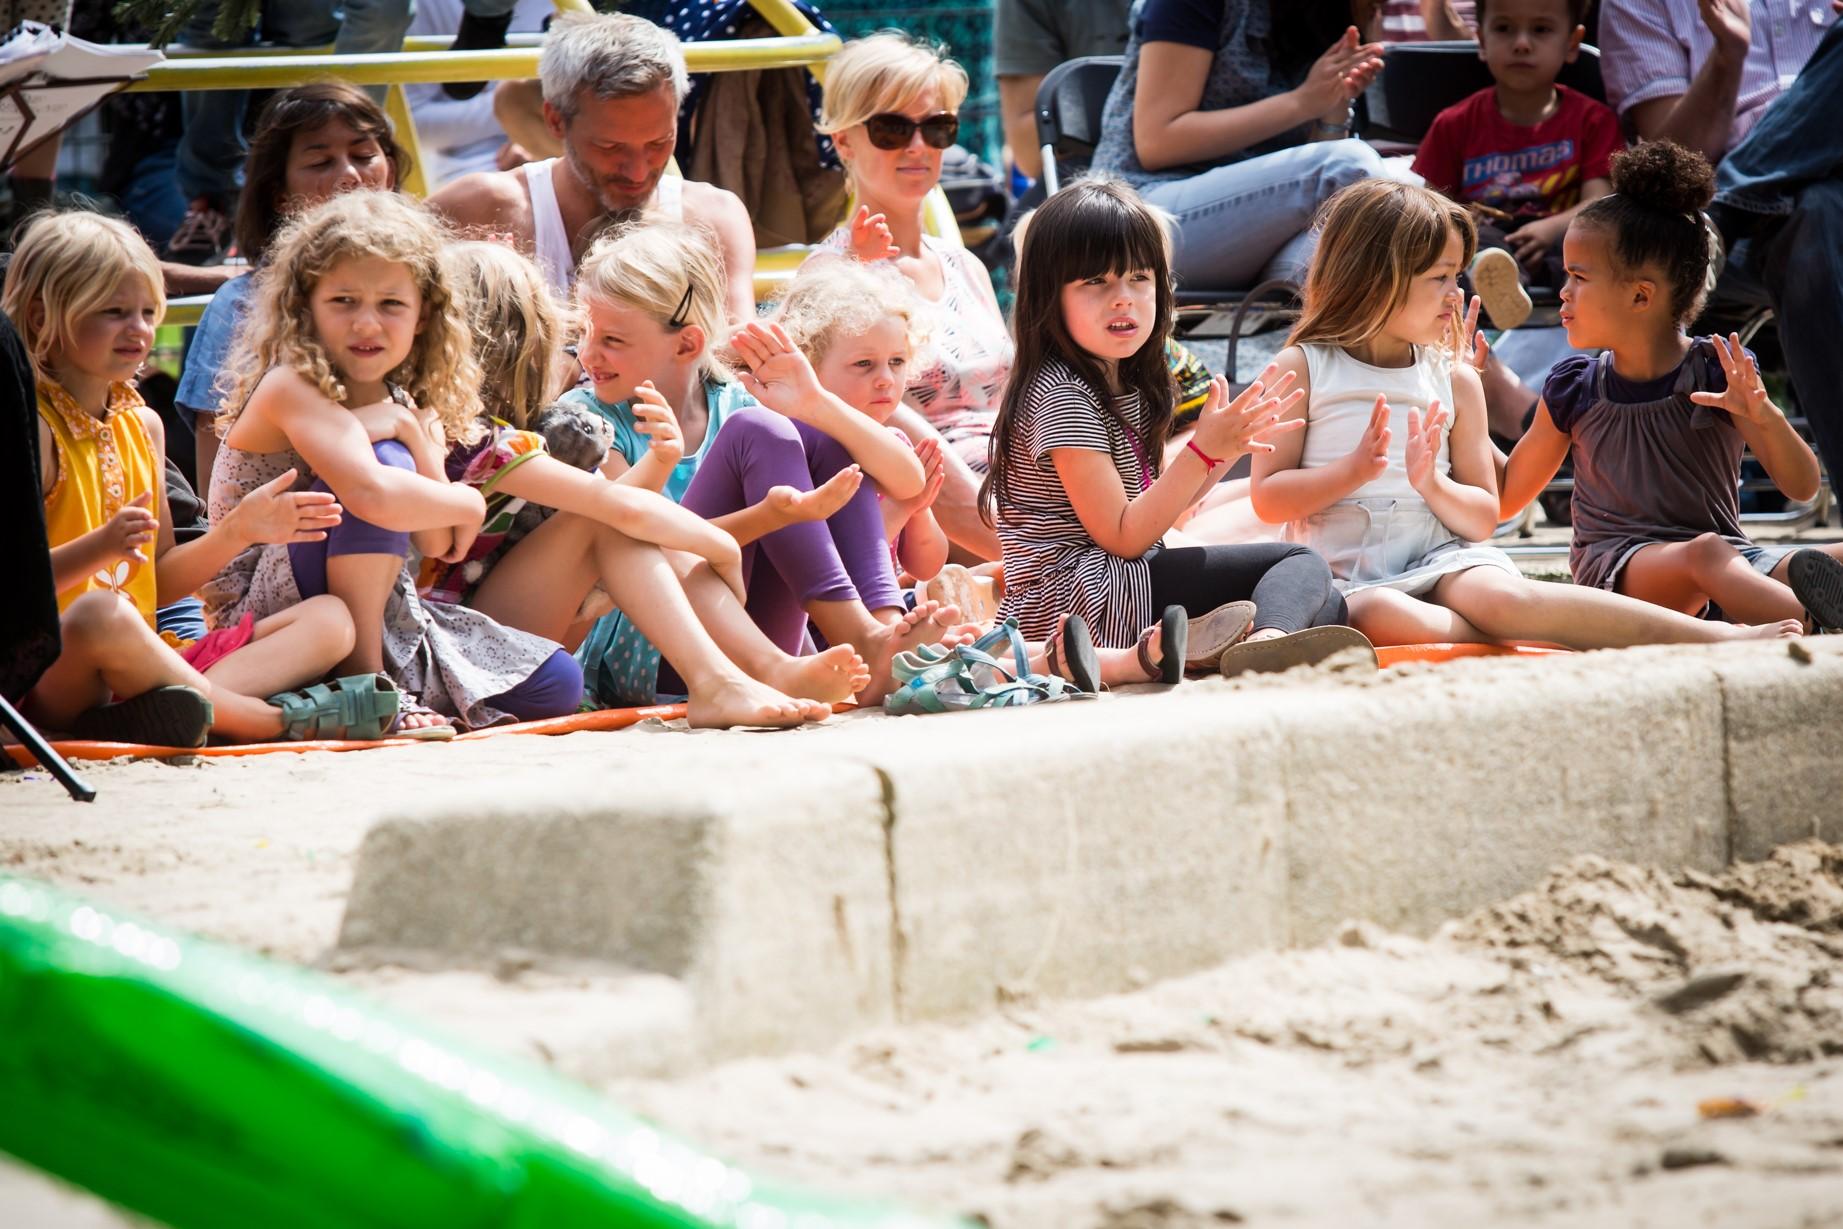 Kinderen bezoeken het Junior Grachtenfestival. (Foto: Ronald Knapp)